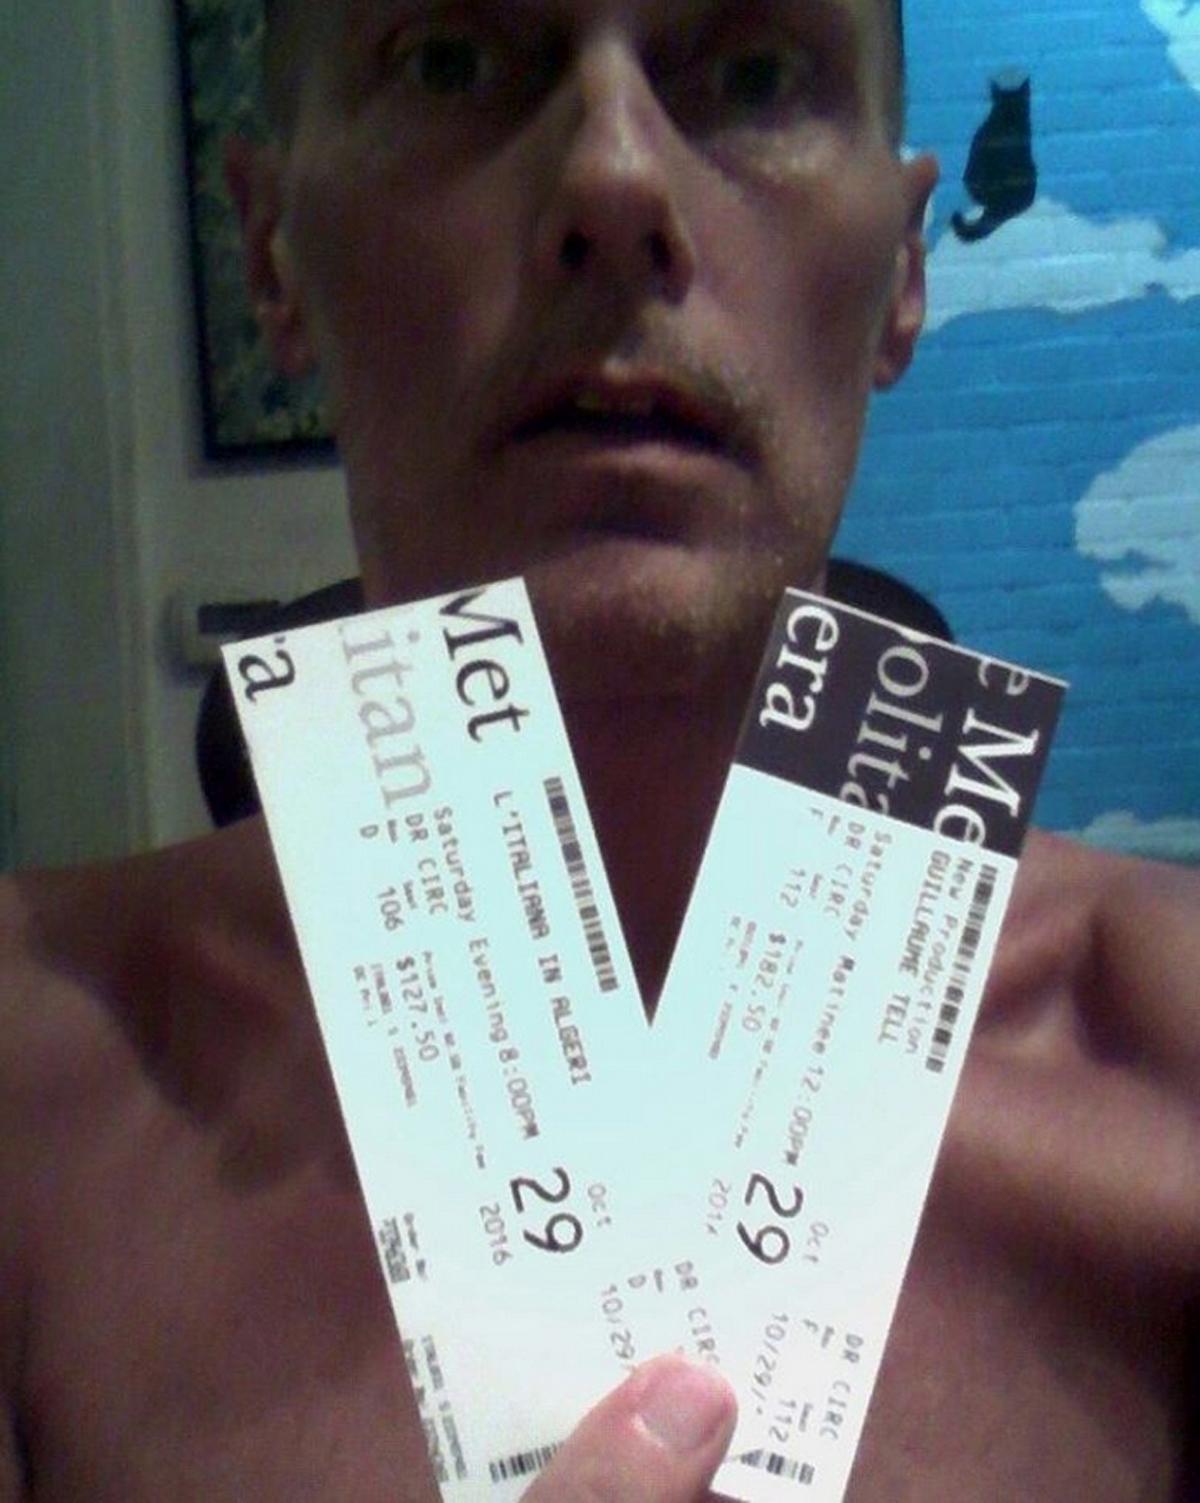 El hombre días antes había subido fotos de los boletos para la función en su perfil de Instagram. Foto de nydailynews.